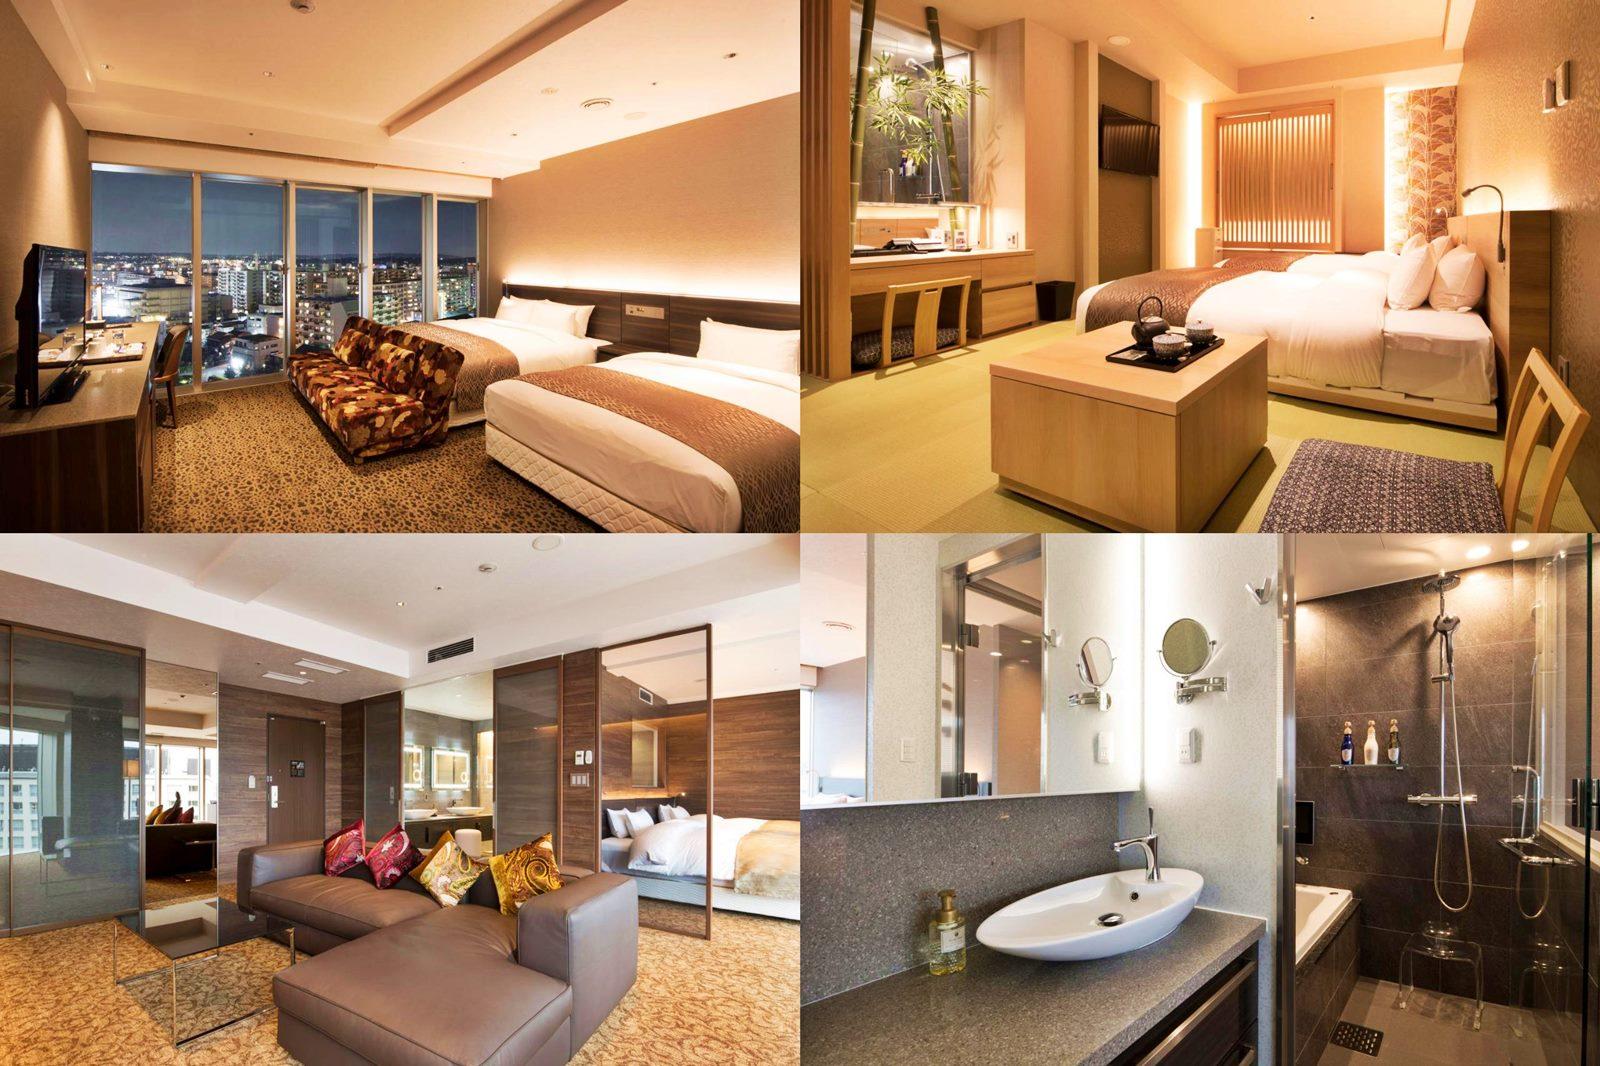 奈良-住宿-推薦-飯店-旅館-民宿-酒店-市區-便宜-自由行-日本-Nara-Hotel-Best